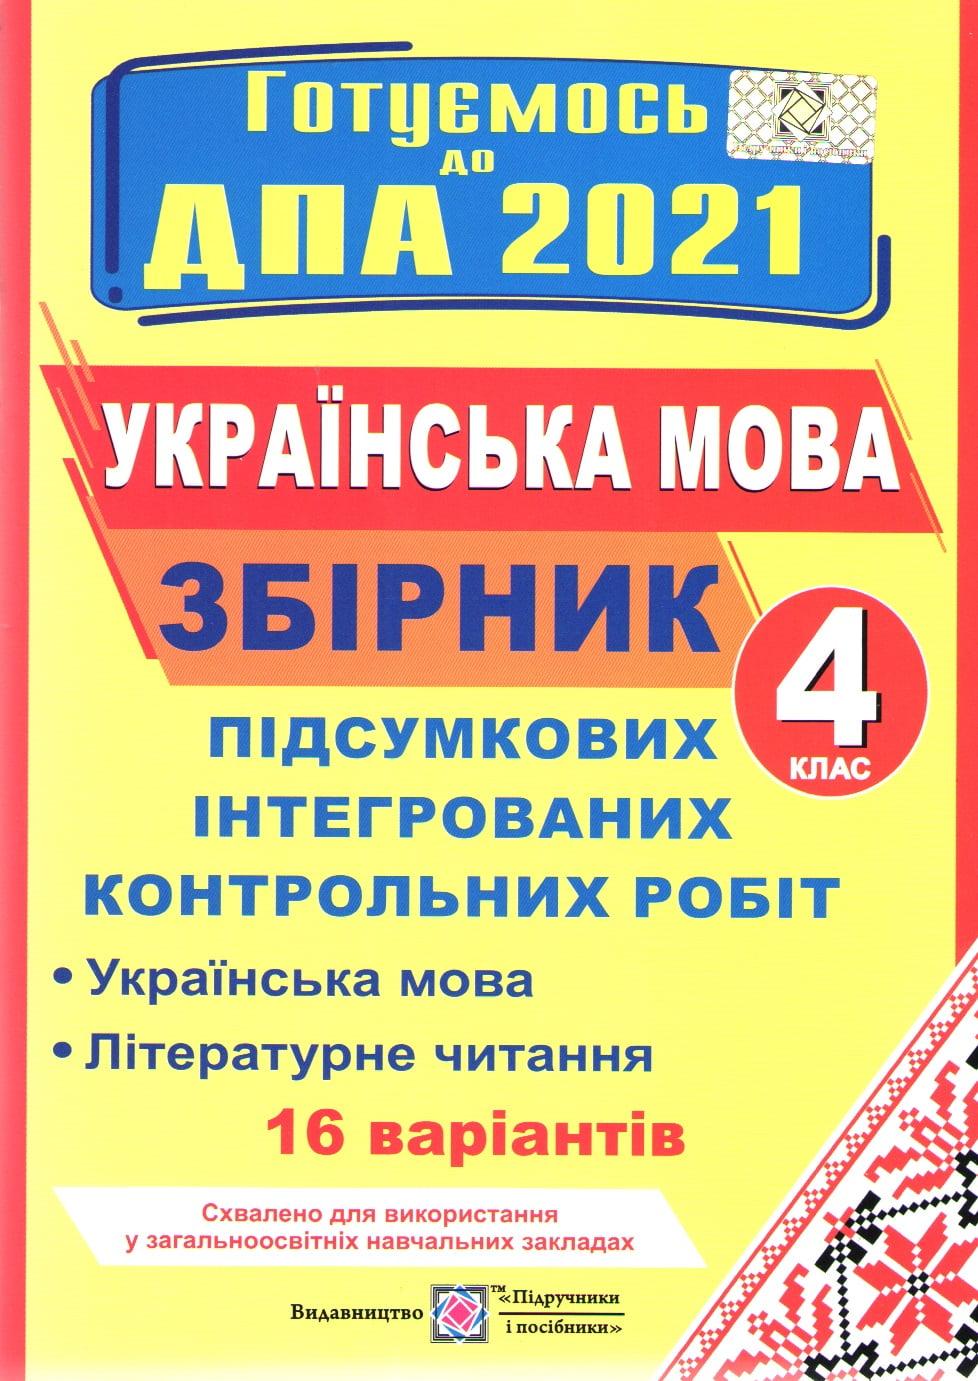 Українська мова і література Збірник підсумкових інтегрованих контрольних робіт  4 клас  16 варіантів ДПА 2021